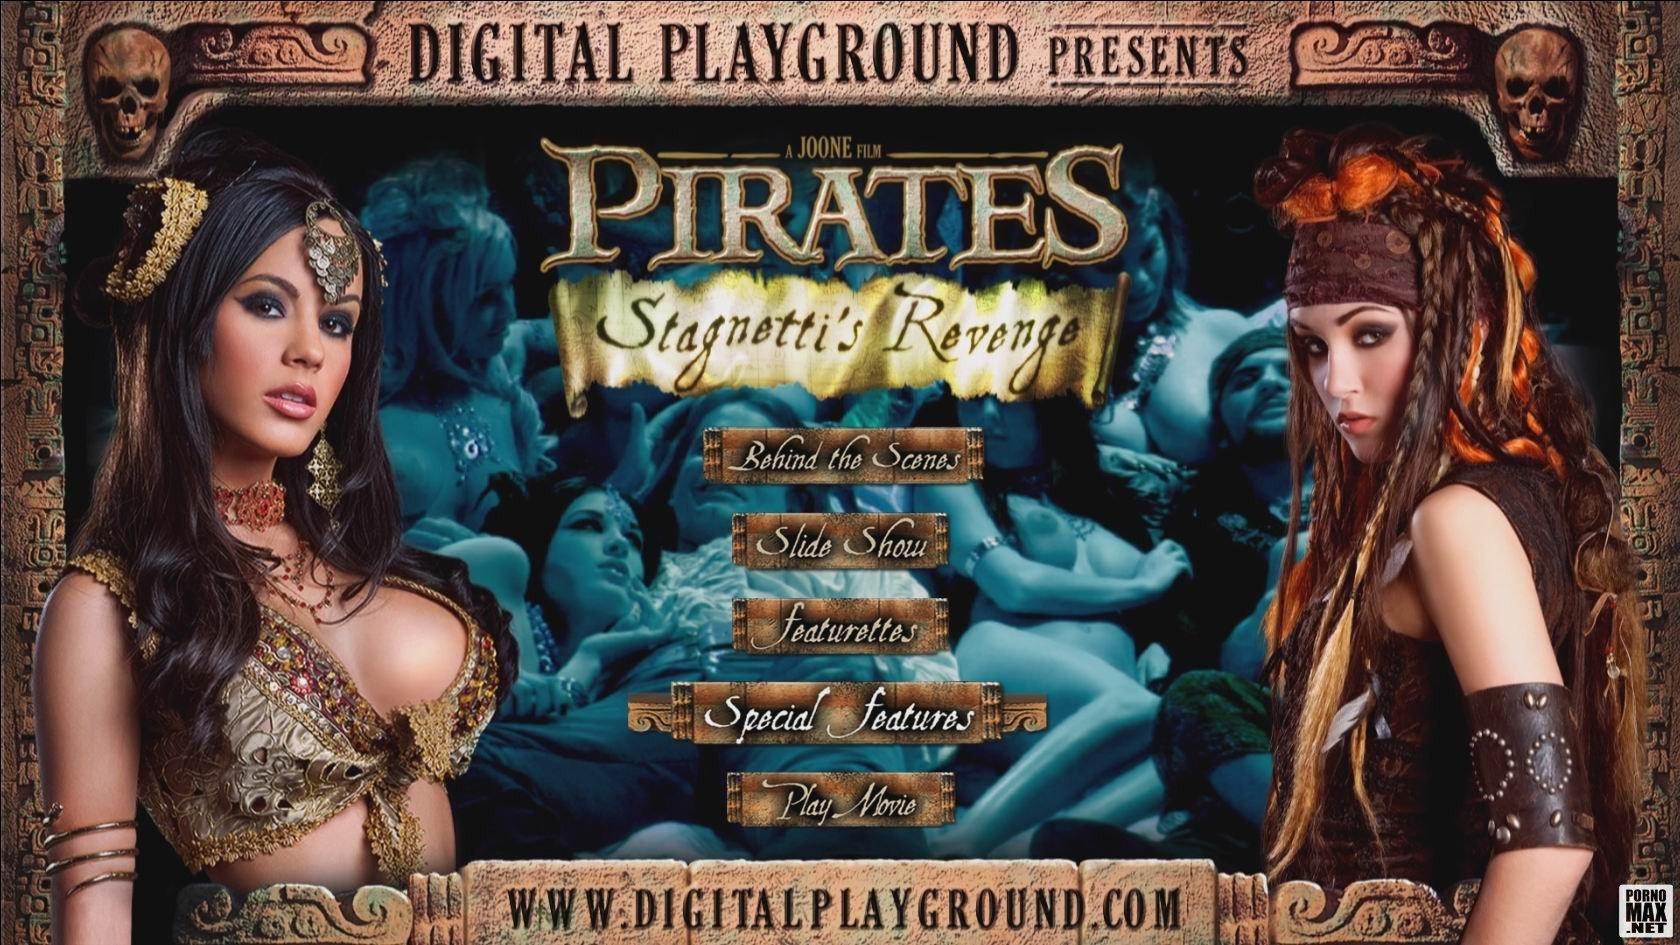 Смотреть порно пародии пираты карибского моря онлайн бесплатно с русским переводом 18 фотография